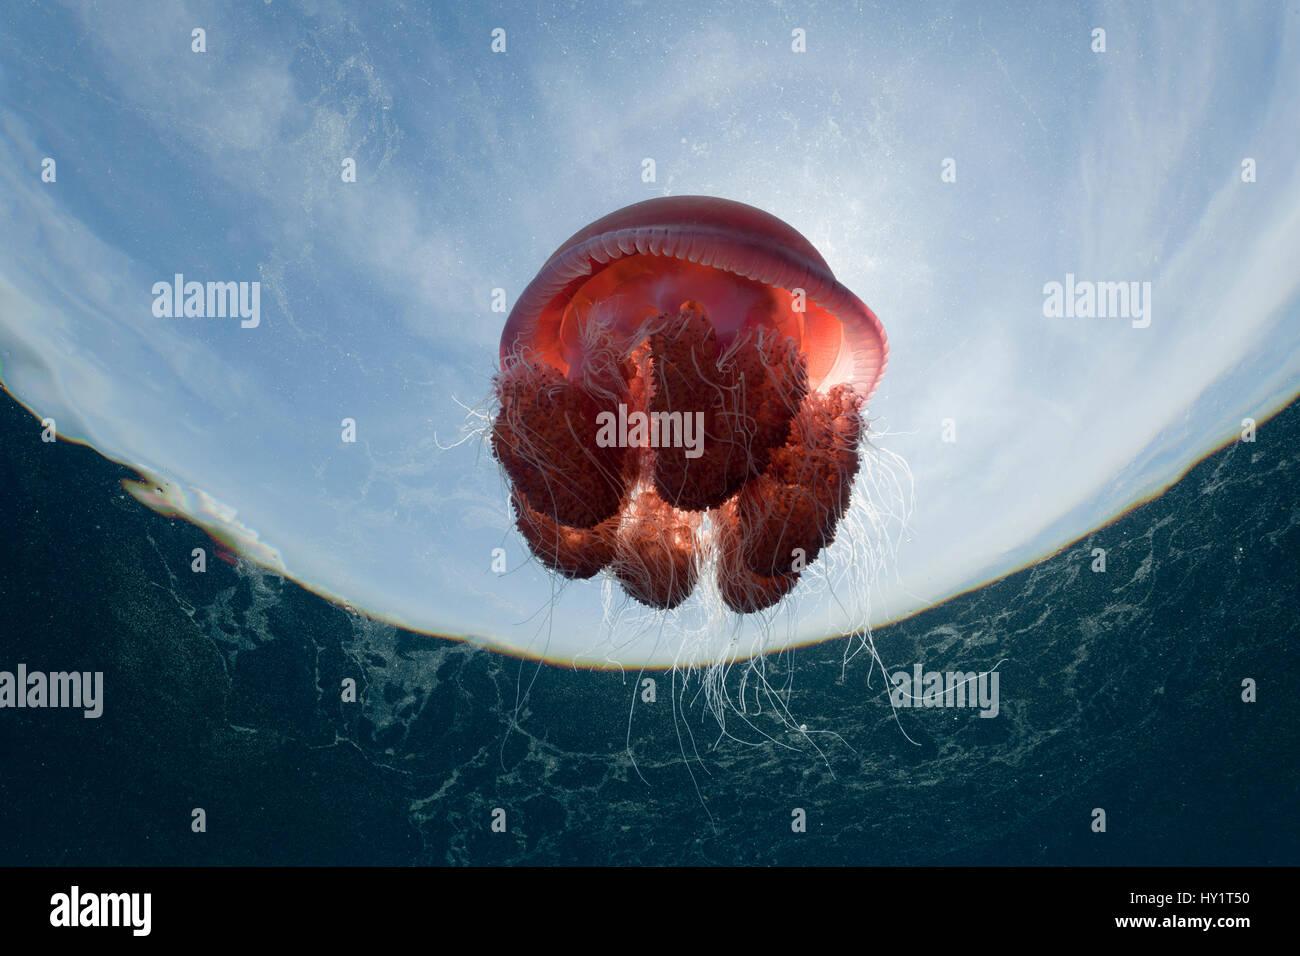 Bassa angolazione di rosso le meduse galleggianti in acqua, cibo di tartarughe liuto, Filippine. Immagini Stock